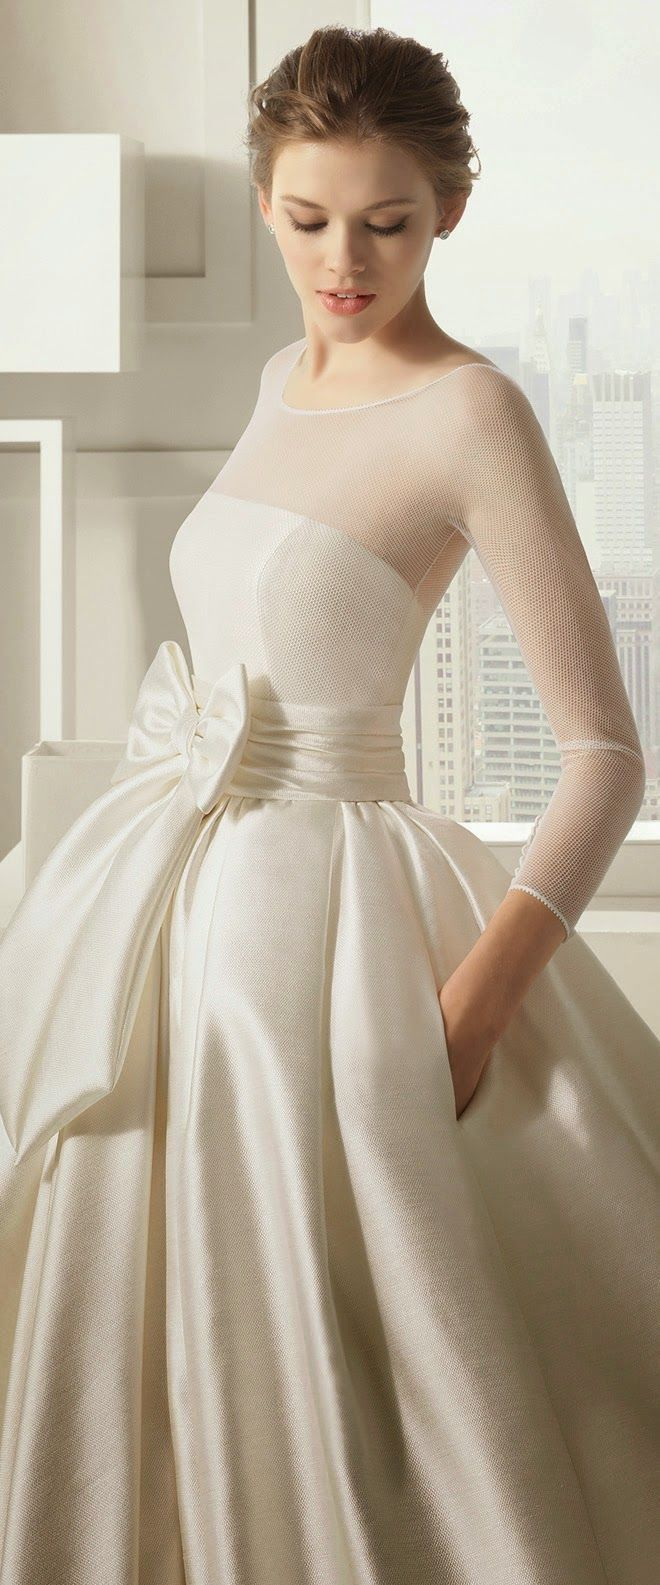 Nurnberg kleider eleganz